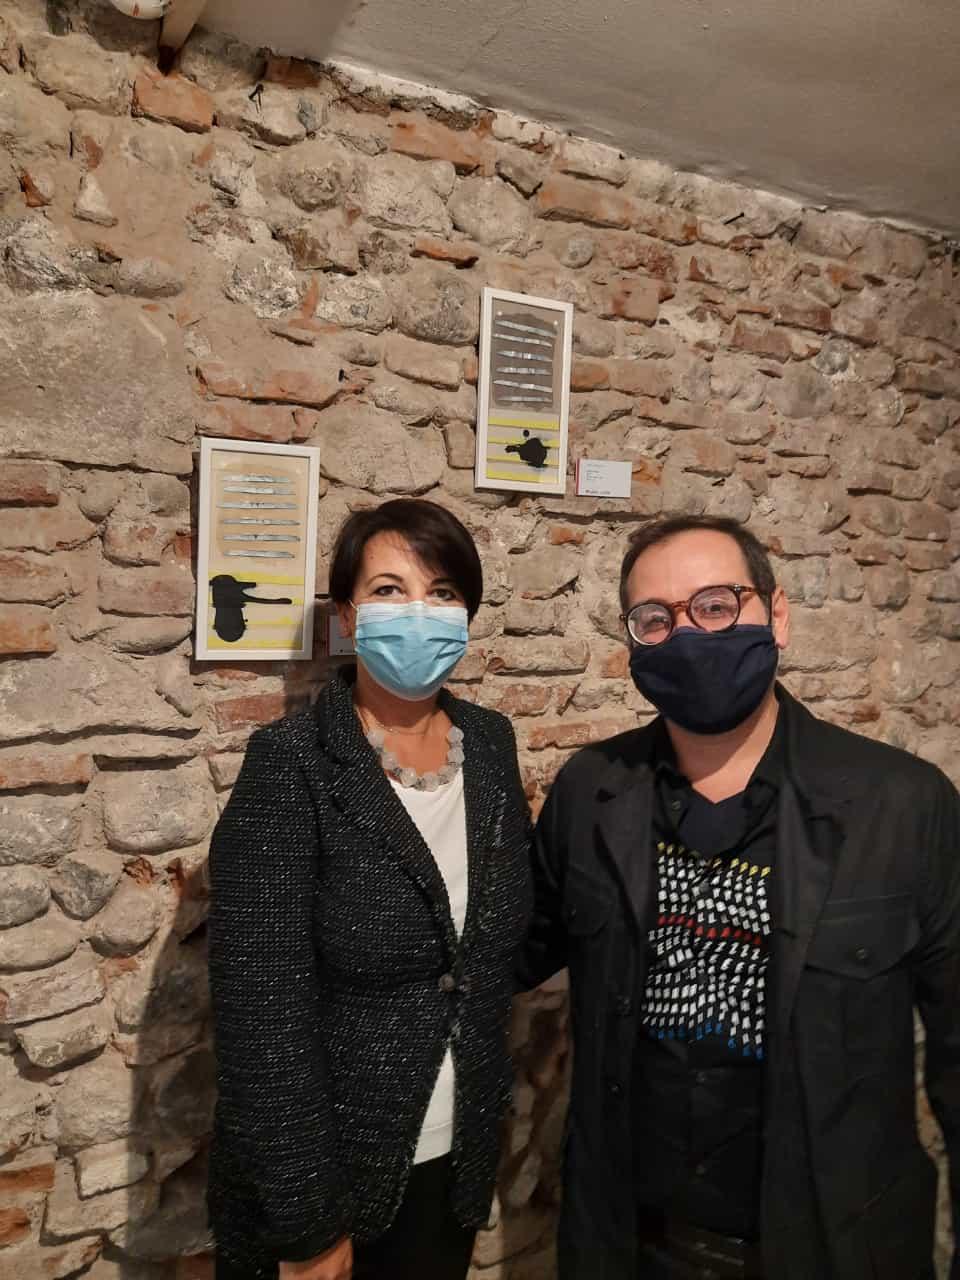 27. La tensione astratta dei segni, bi-personale Marco Angelini - Andrea Pinchi, a cura di Raffaella Salato